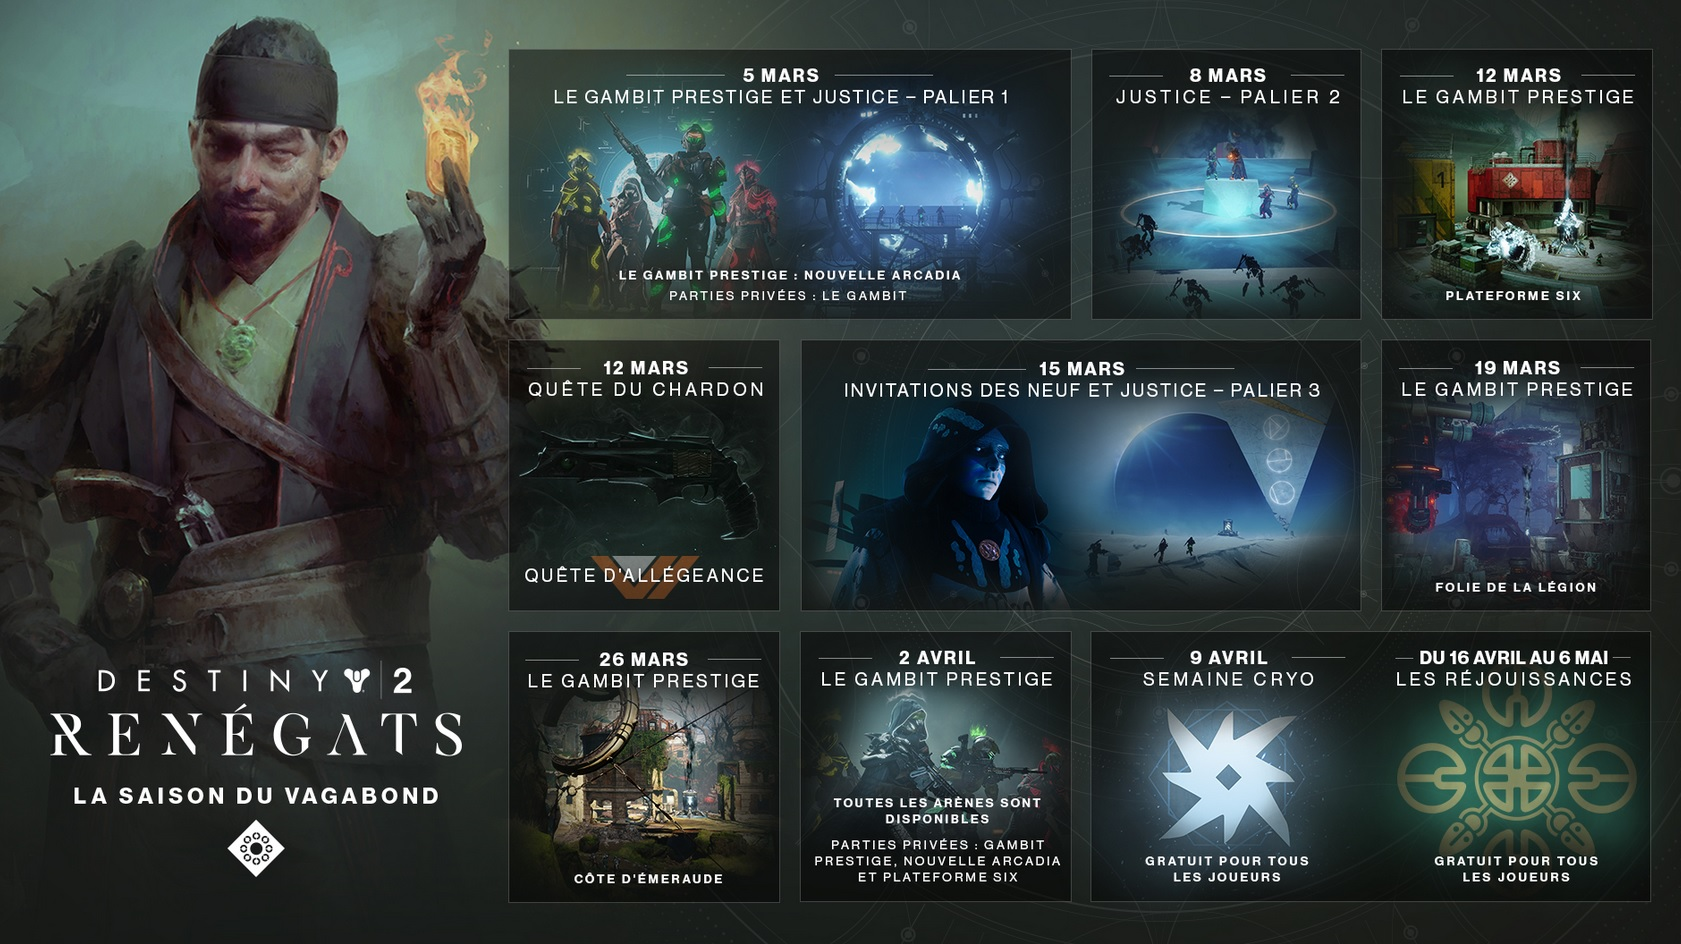 Calendrier Destiny 2.Destiny 2 Quelques Details Sur Le Calendrier De La Saison